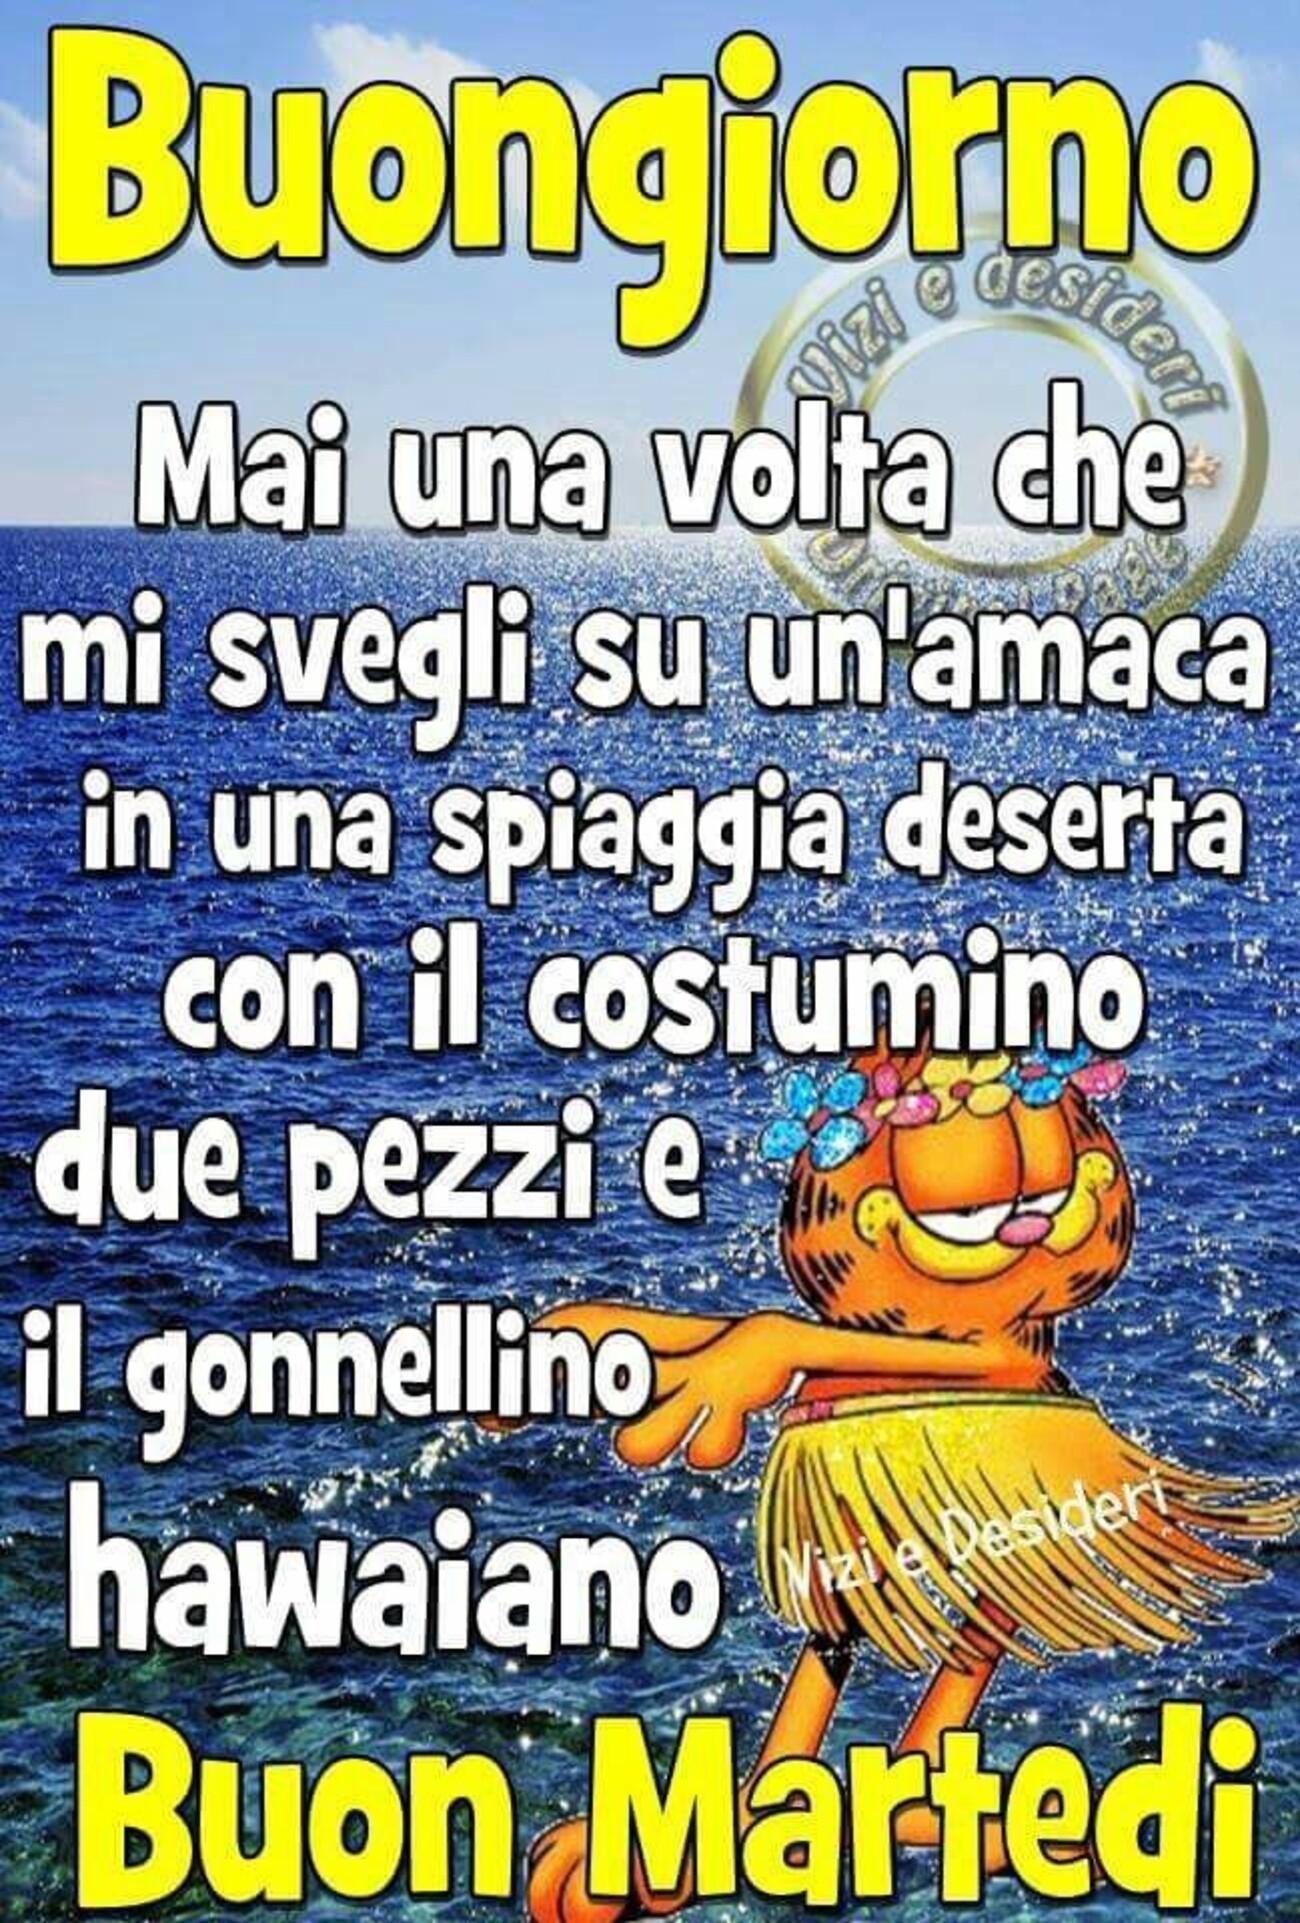 Buongiorno mai una volta che mi svegli su un'amaca in una spiaggia deserta con il costumino due pezzi e il gonnellino hawaiano Buon Martedì